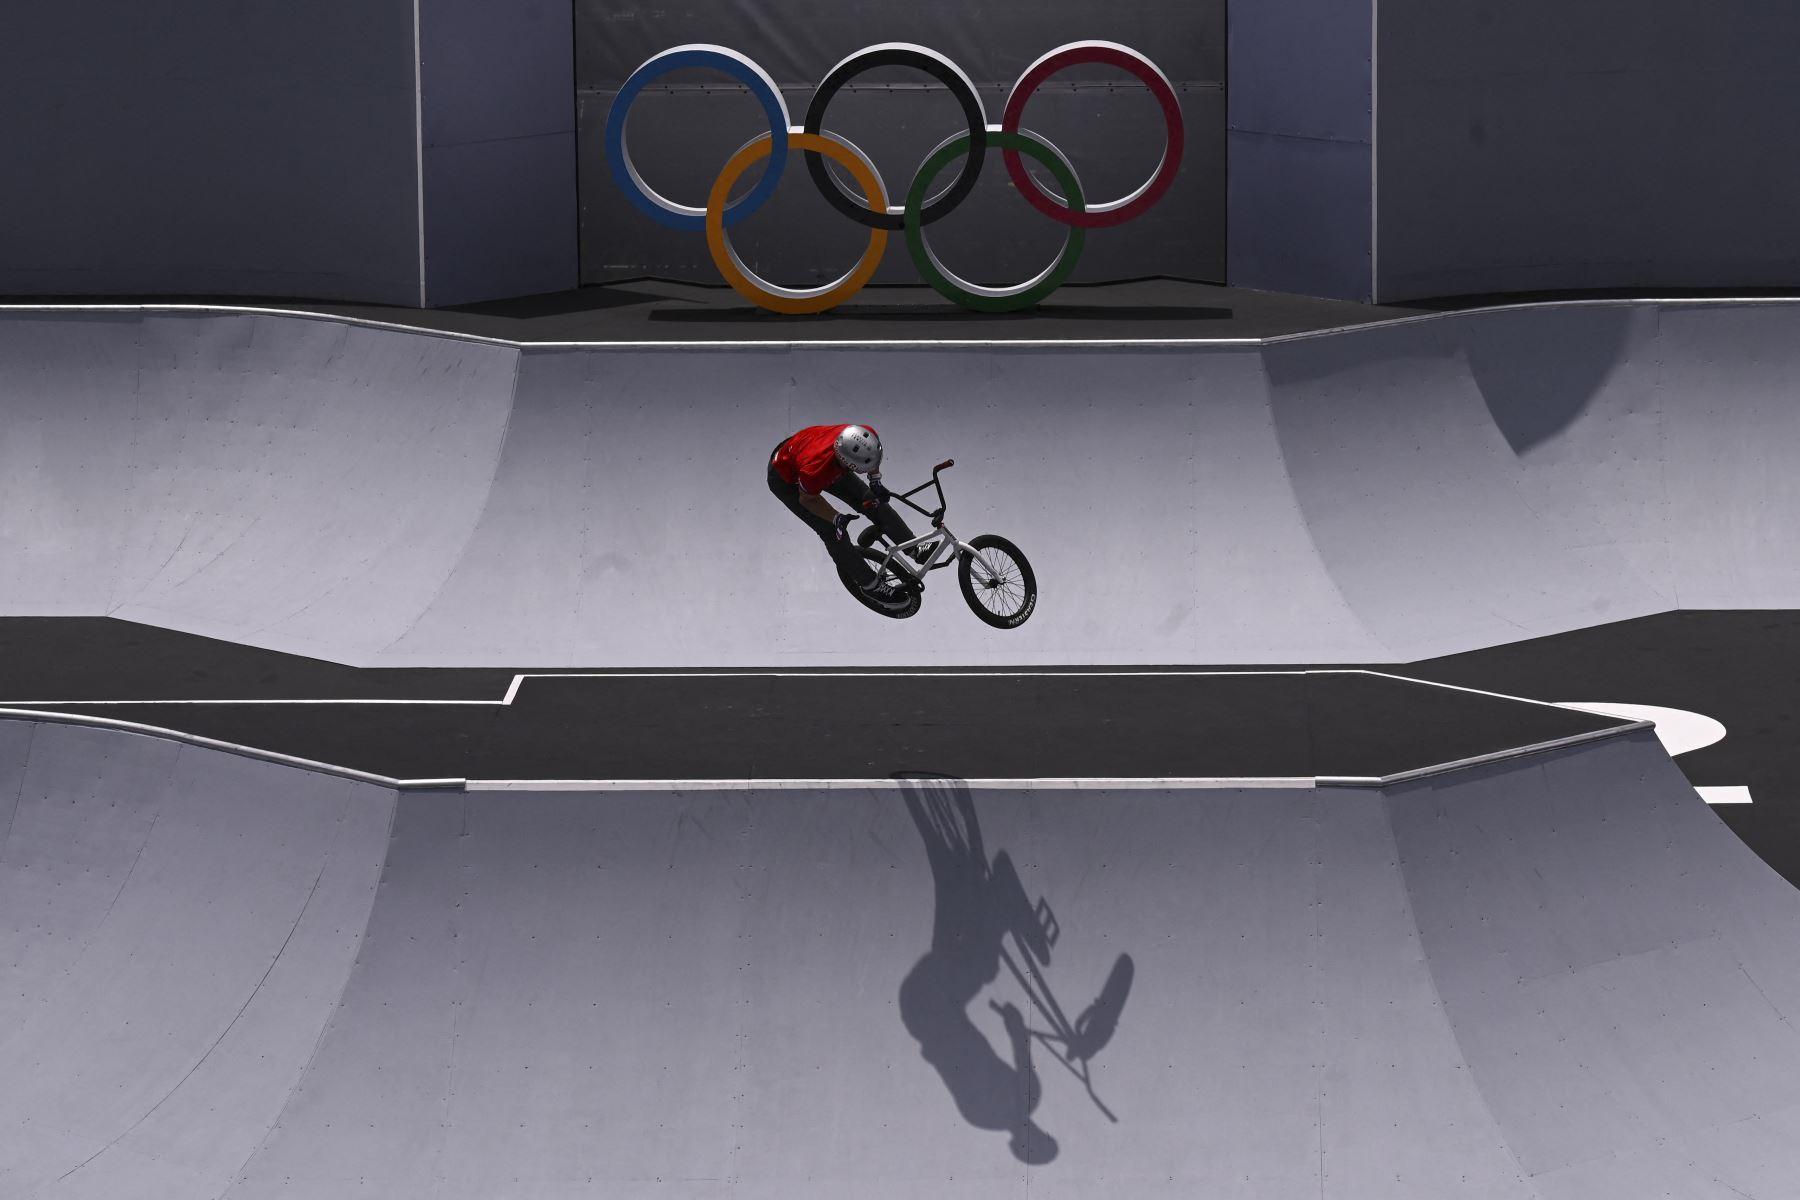 Kenneth Tencio Esquivel de Costa Rica compite en el evento de ciclismo BMX estilo libre, en el Ariake Urban Sports Park, durante los Juegos Olímpicos de Tokio 2020. Foto: AFP